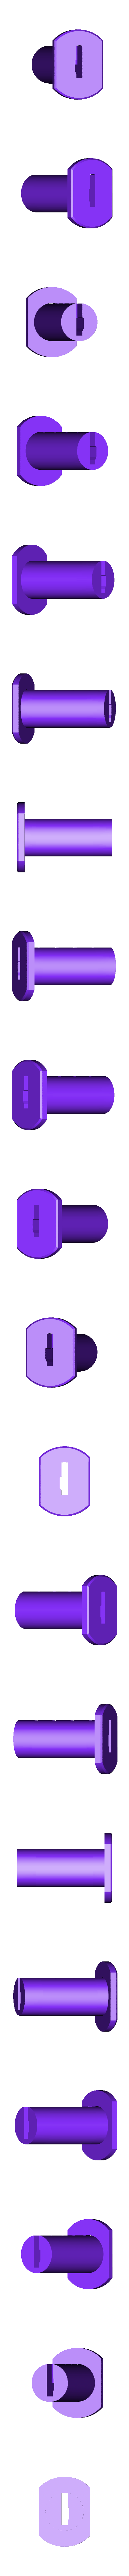 1904-07_Part02.stl Télécharger fichier STL gratuit Serrure imprimée 3D • Objet imprimable en 3D, EL3D